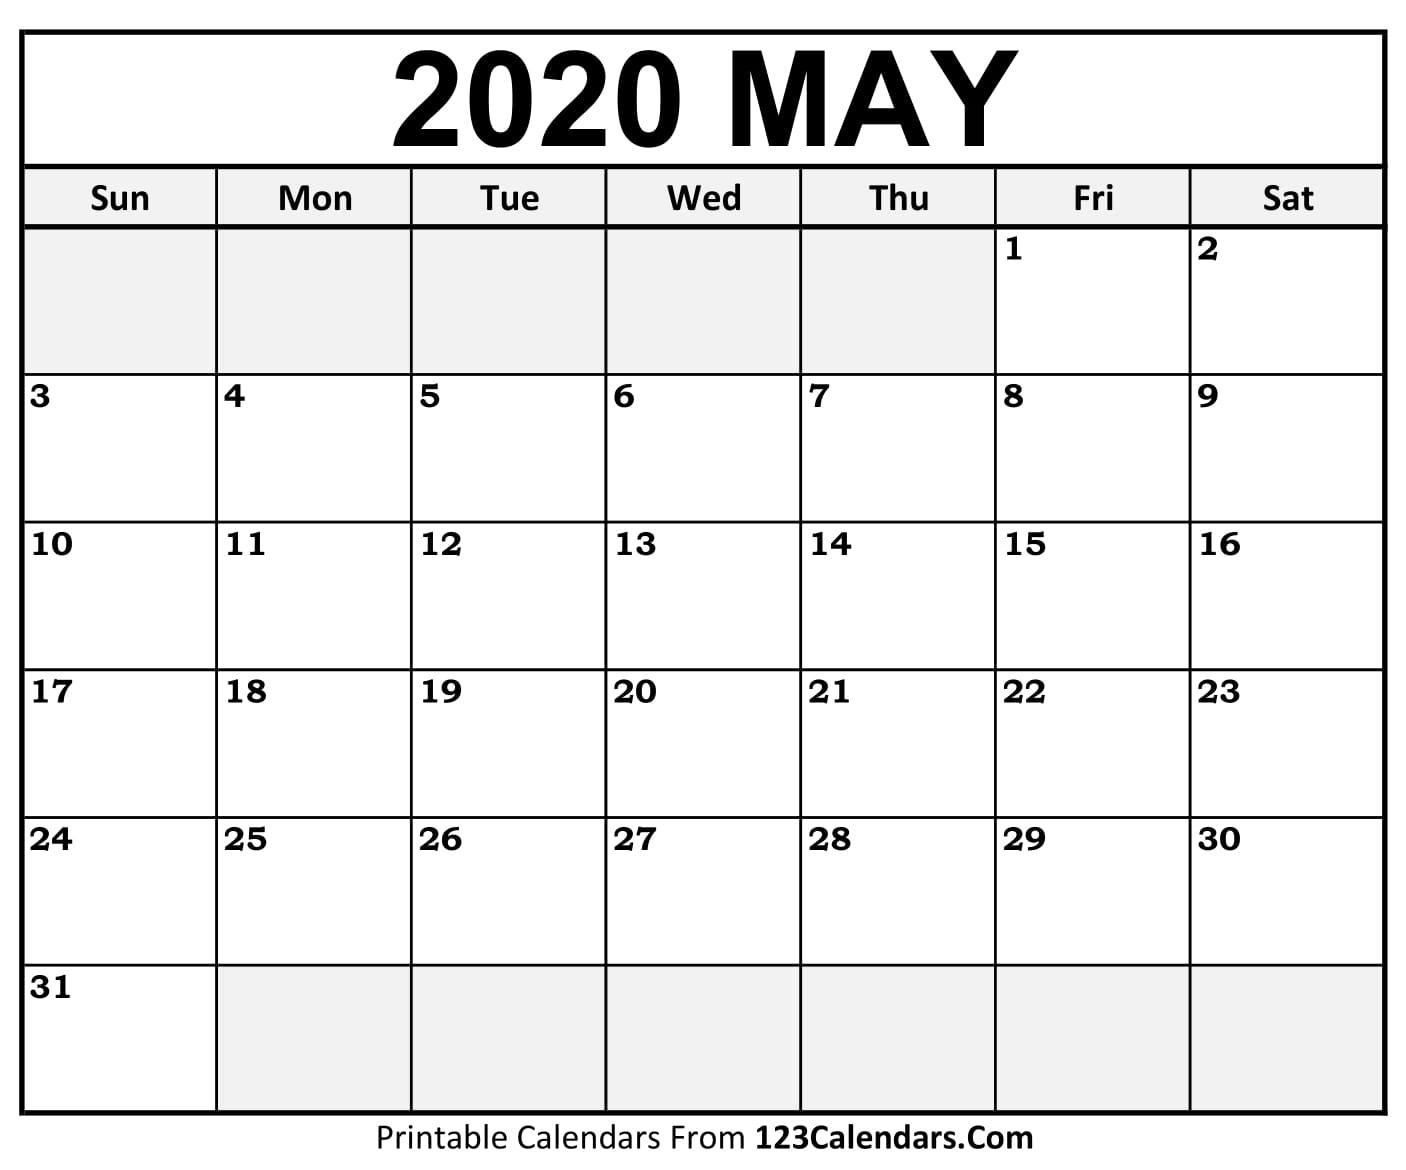 May 2020 Printable Calendar | 123Calendars com